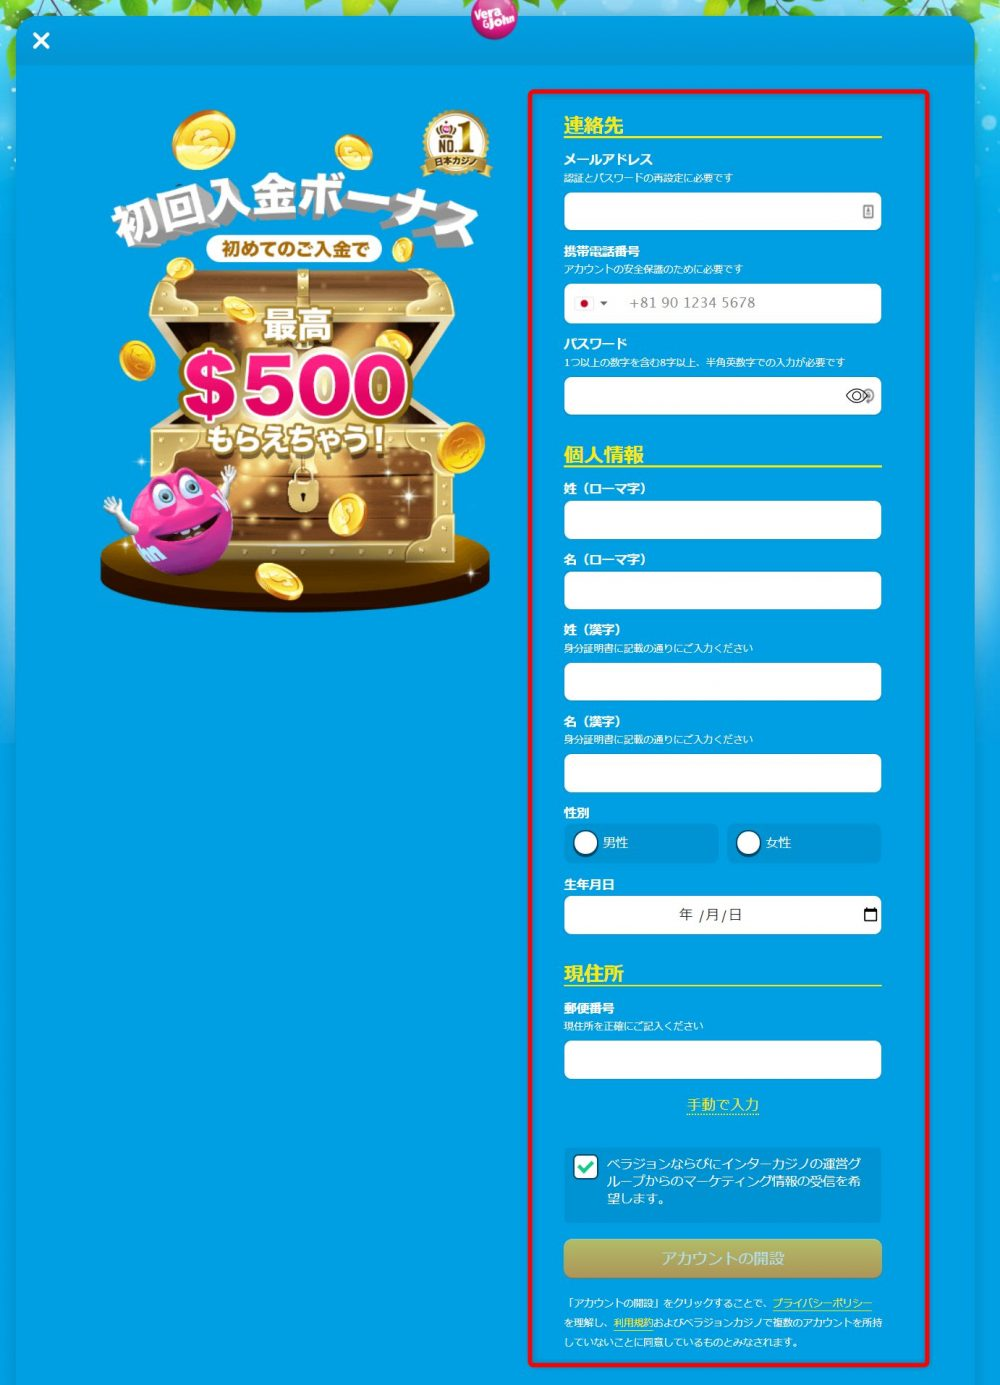 ベラジョンカジノ登録情報入力ページ